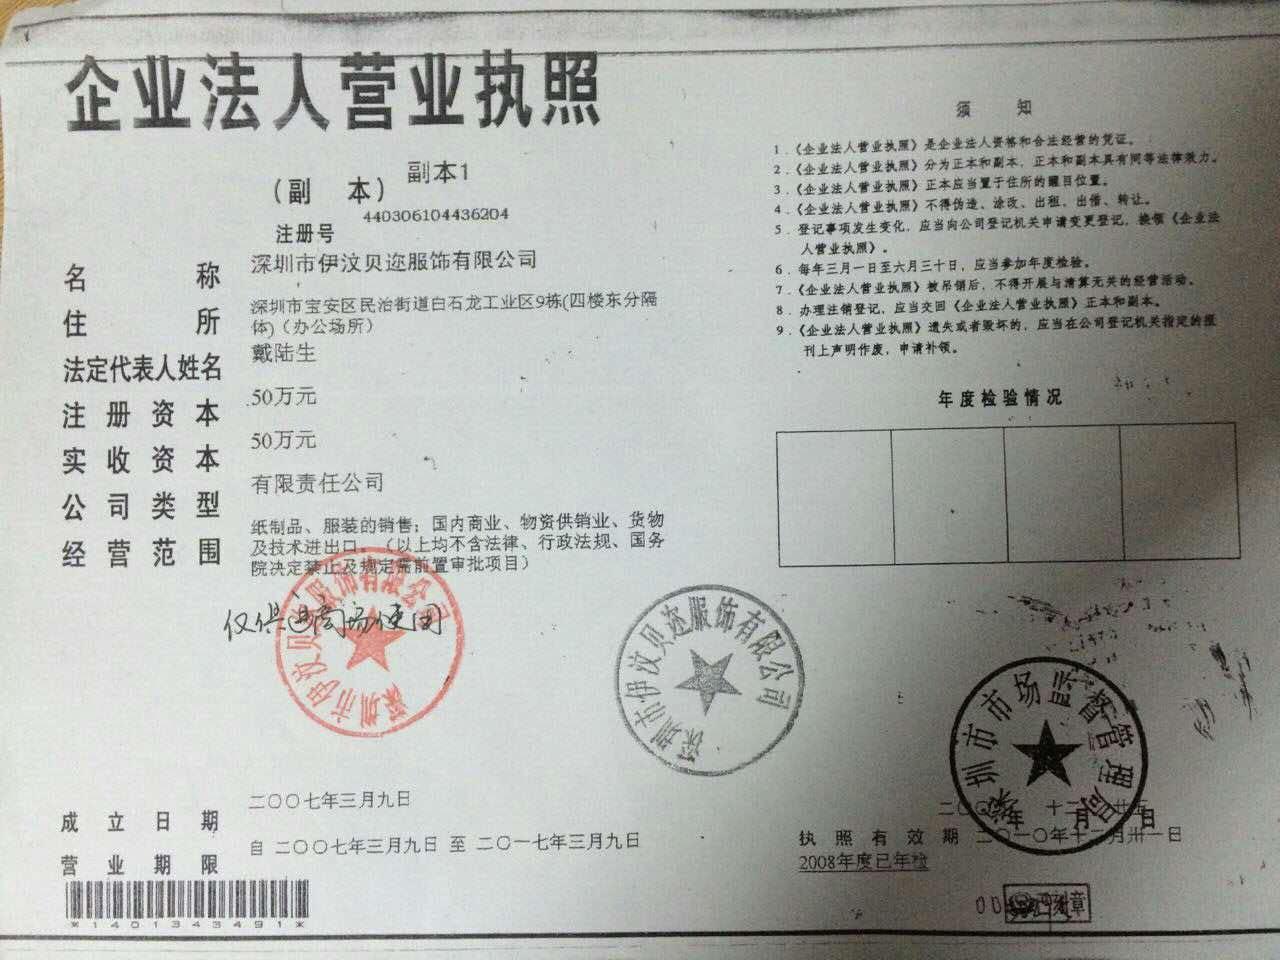 深圳市伊汶贝迩服饰有限公司企业档案